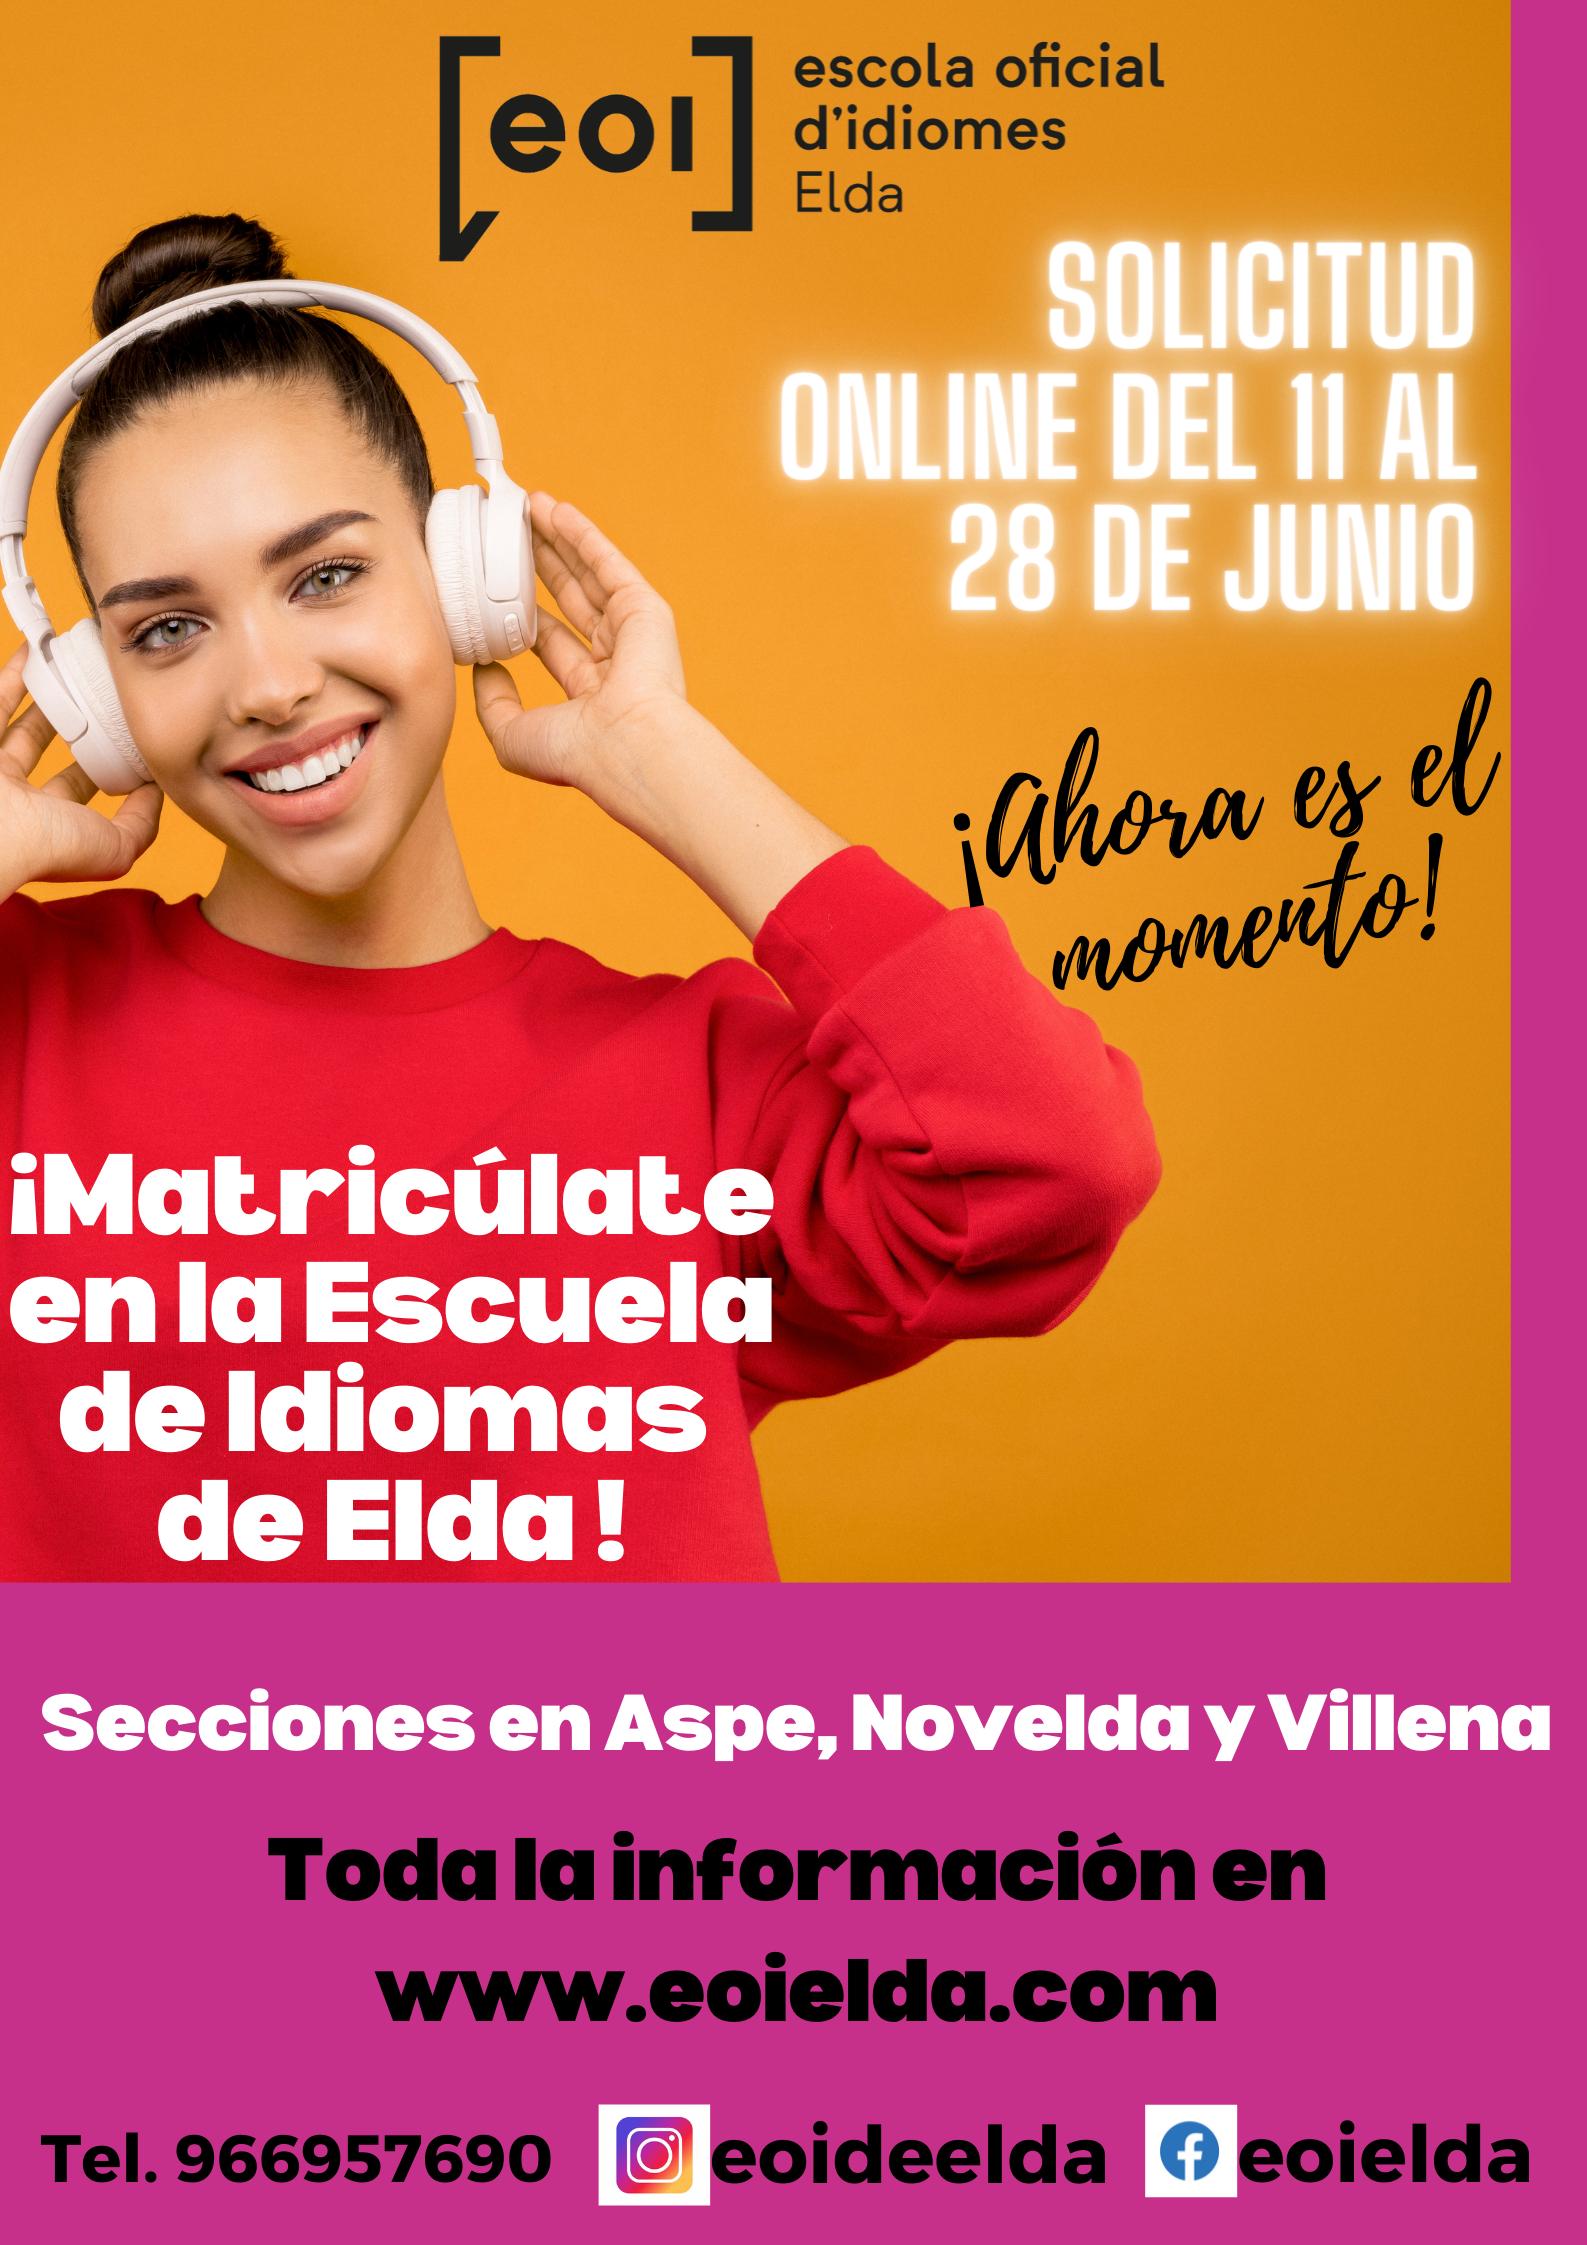 La Escuela Oficial de Idiomas de Elda abre el periodo de matriculación online para el próximo curso del 11 al 28 de junio